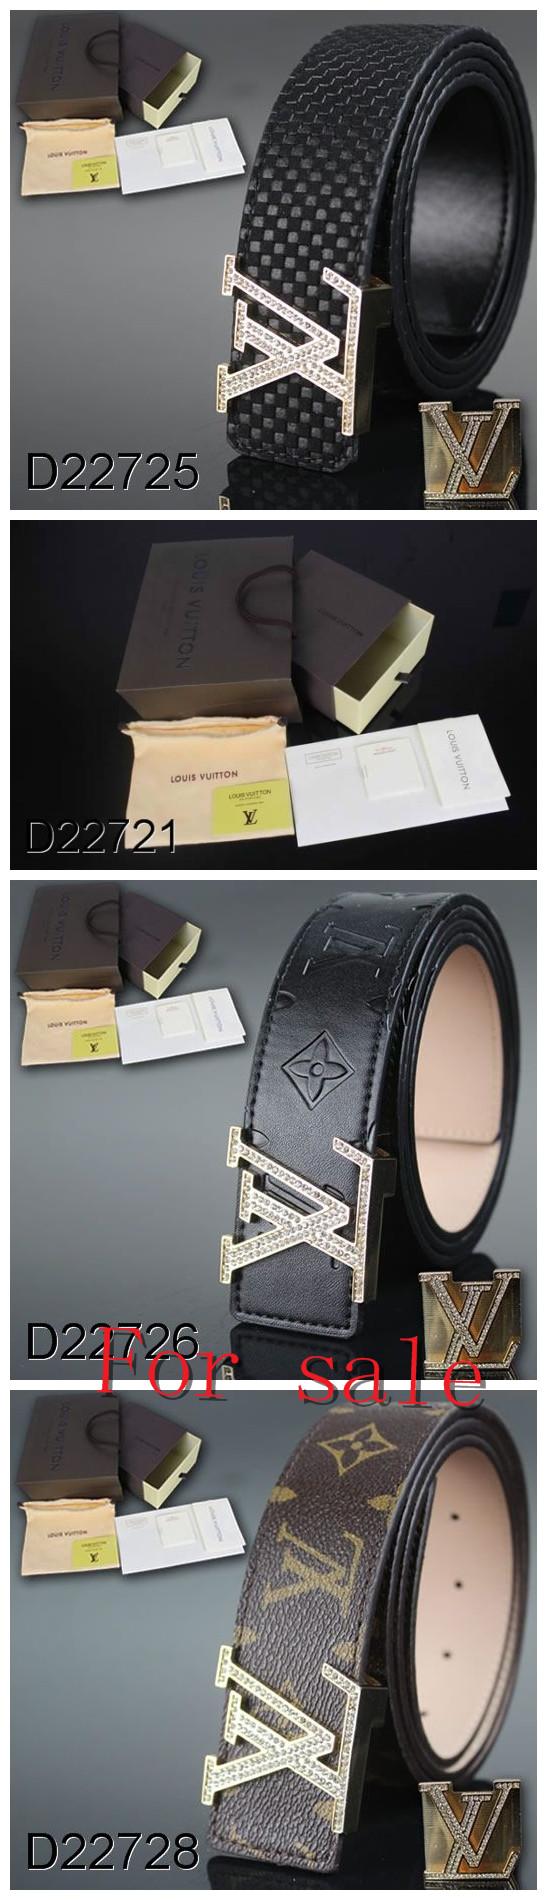 3fae2cd56c00 Wholesale Louis Vuitton belts